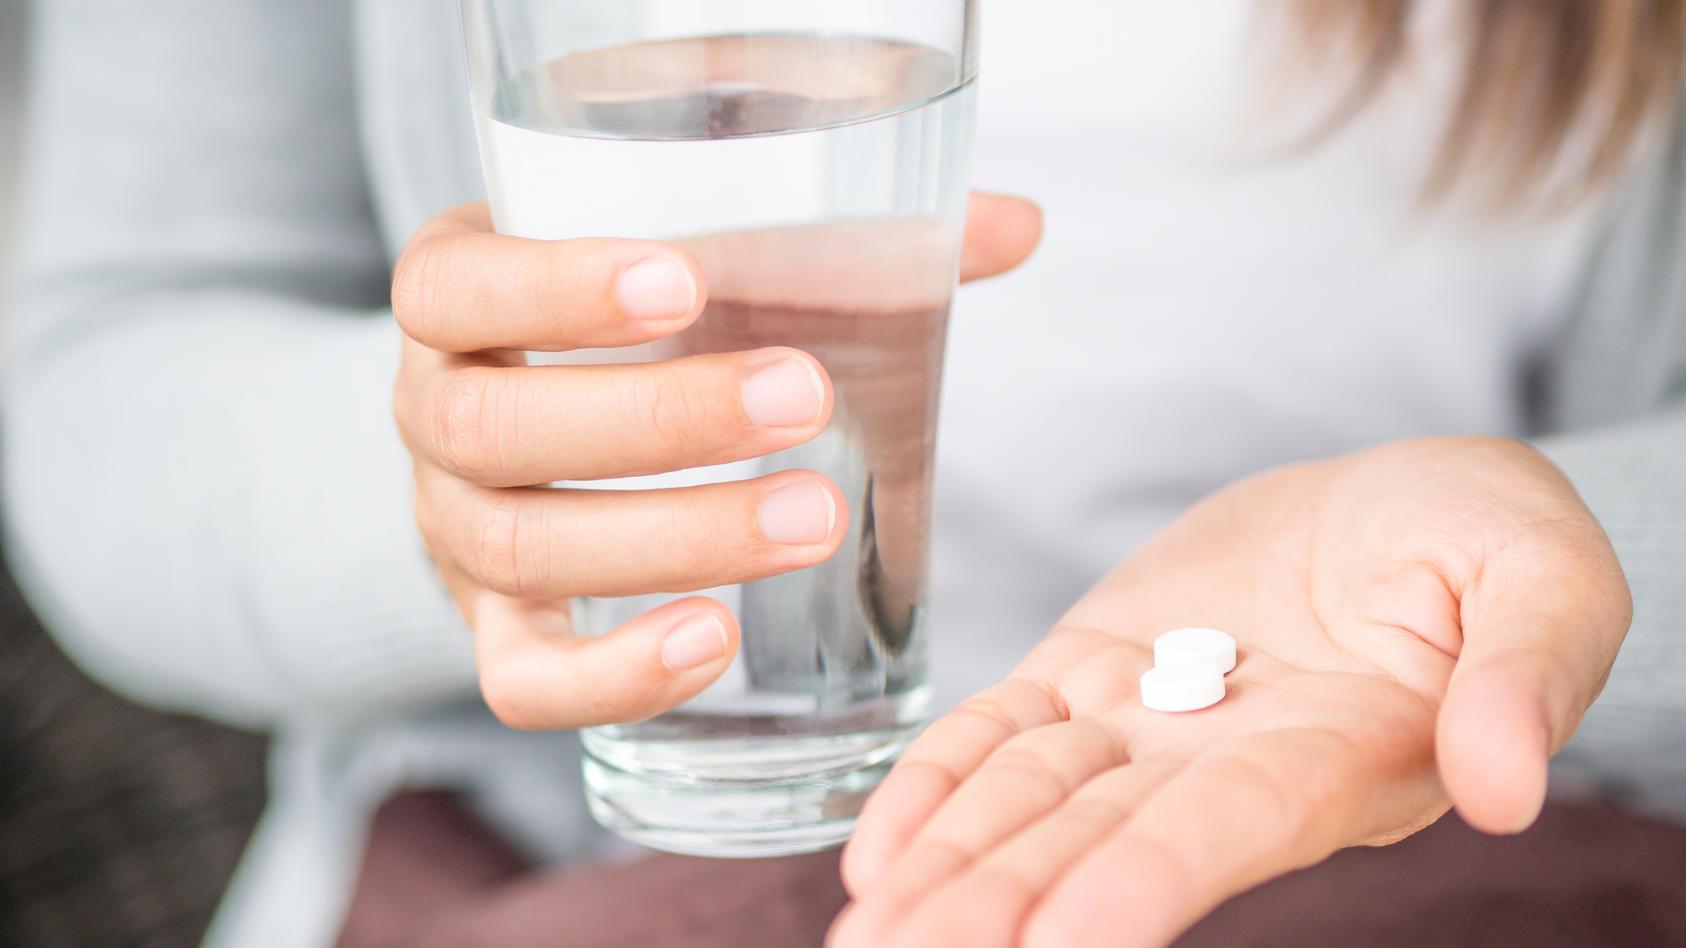 Hilft Aspirin bei einer Covi-19-Erkrankung?